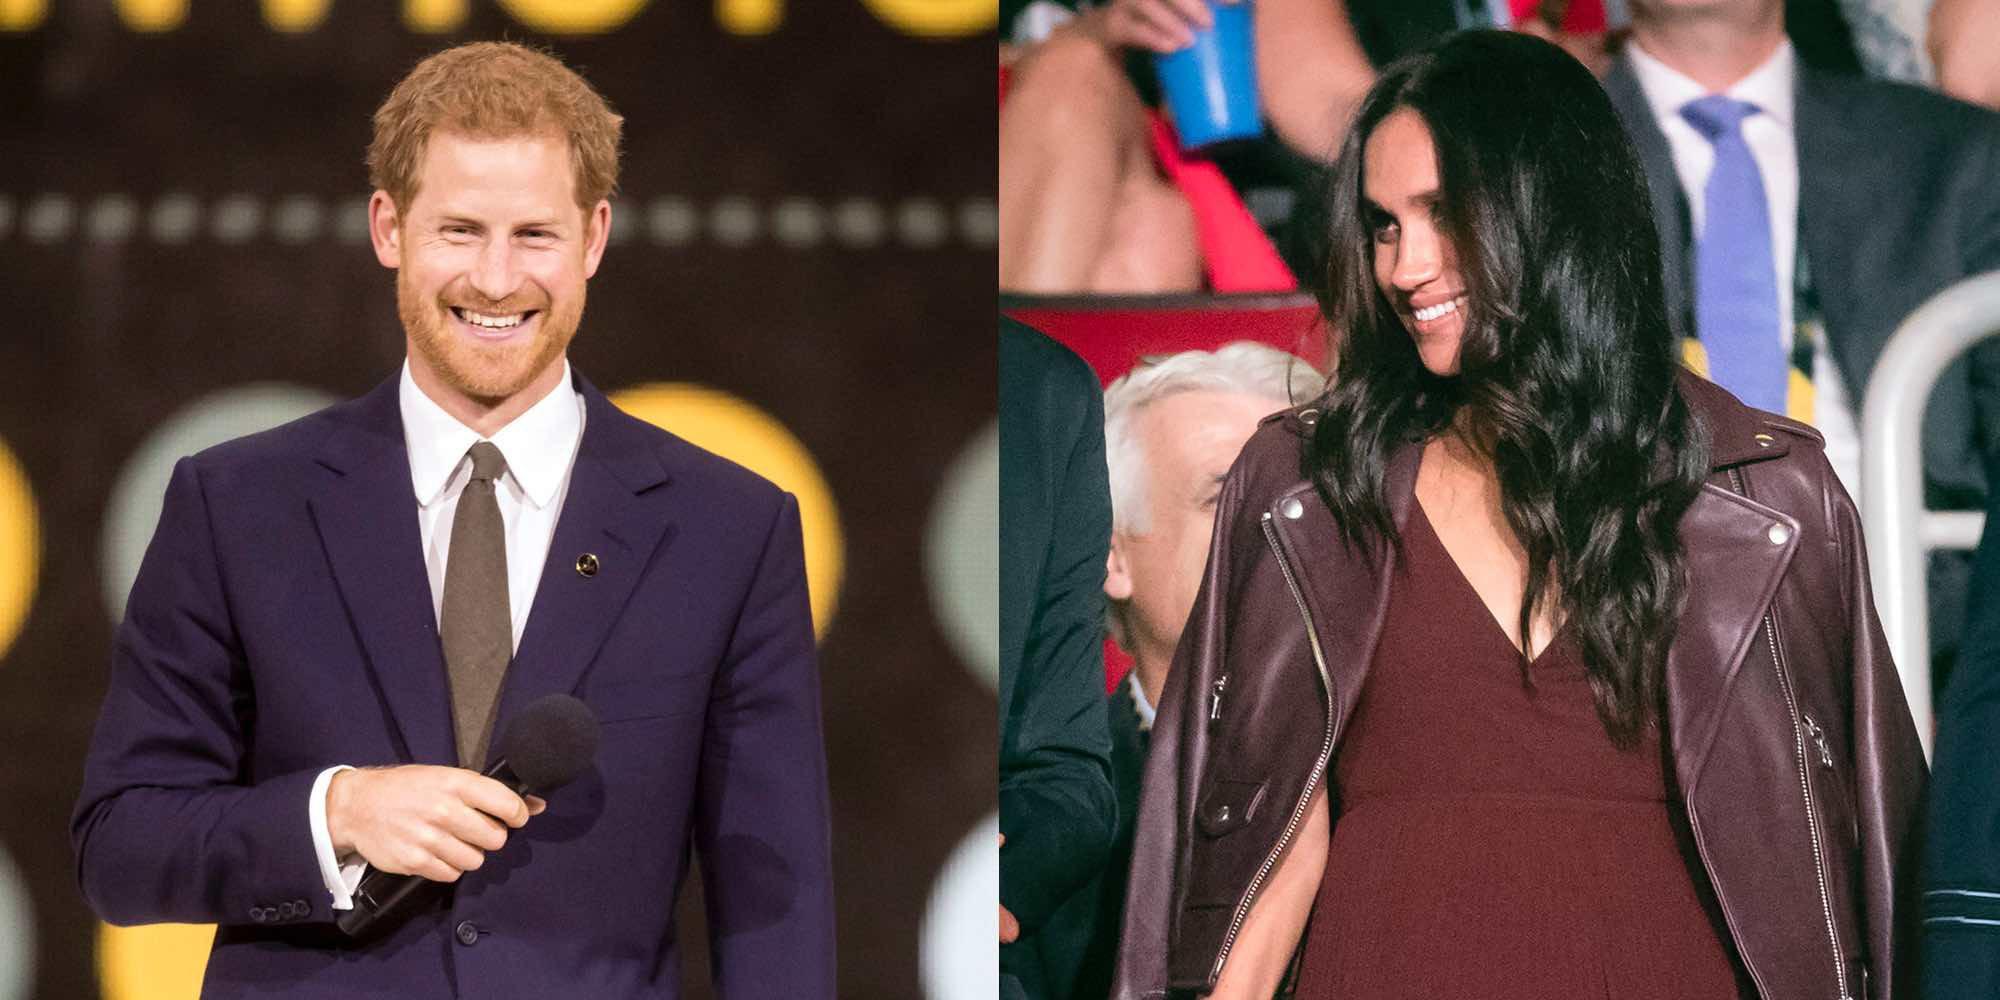 El falso primer posado del Príncipe Harry con Meghan Markle tras confirmar su noviazgo